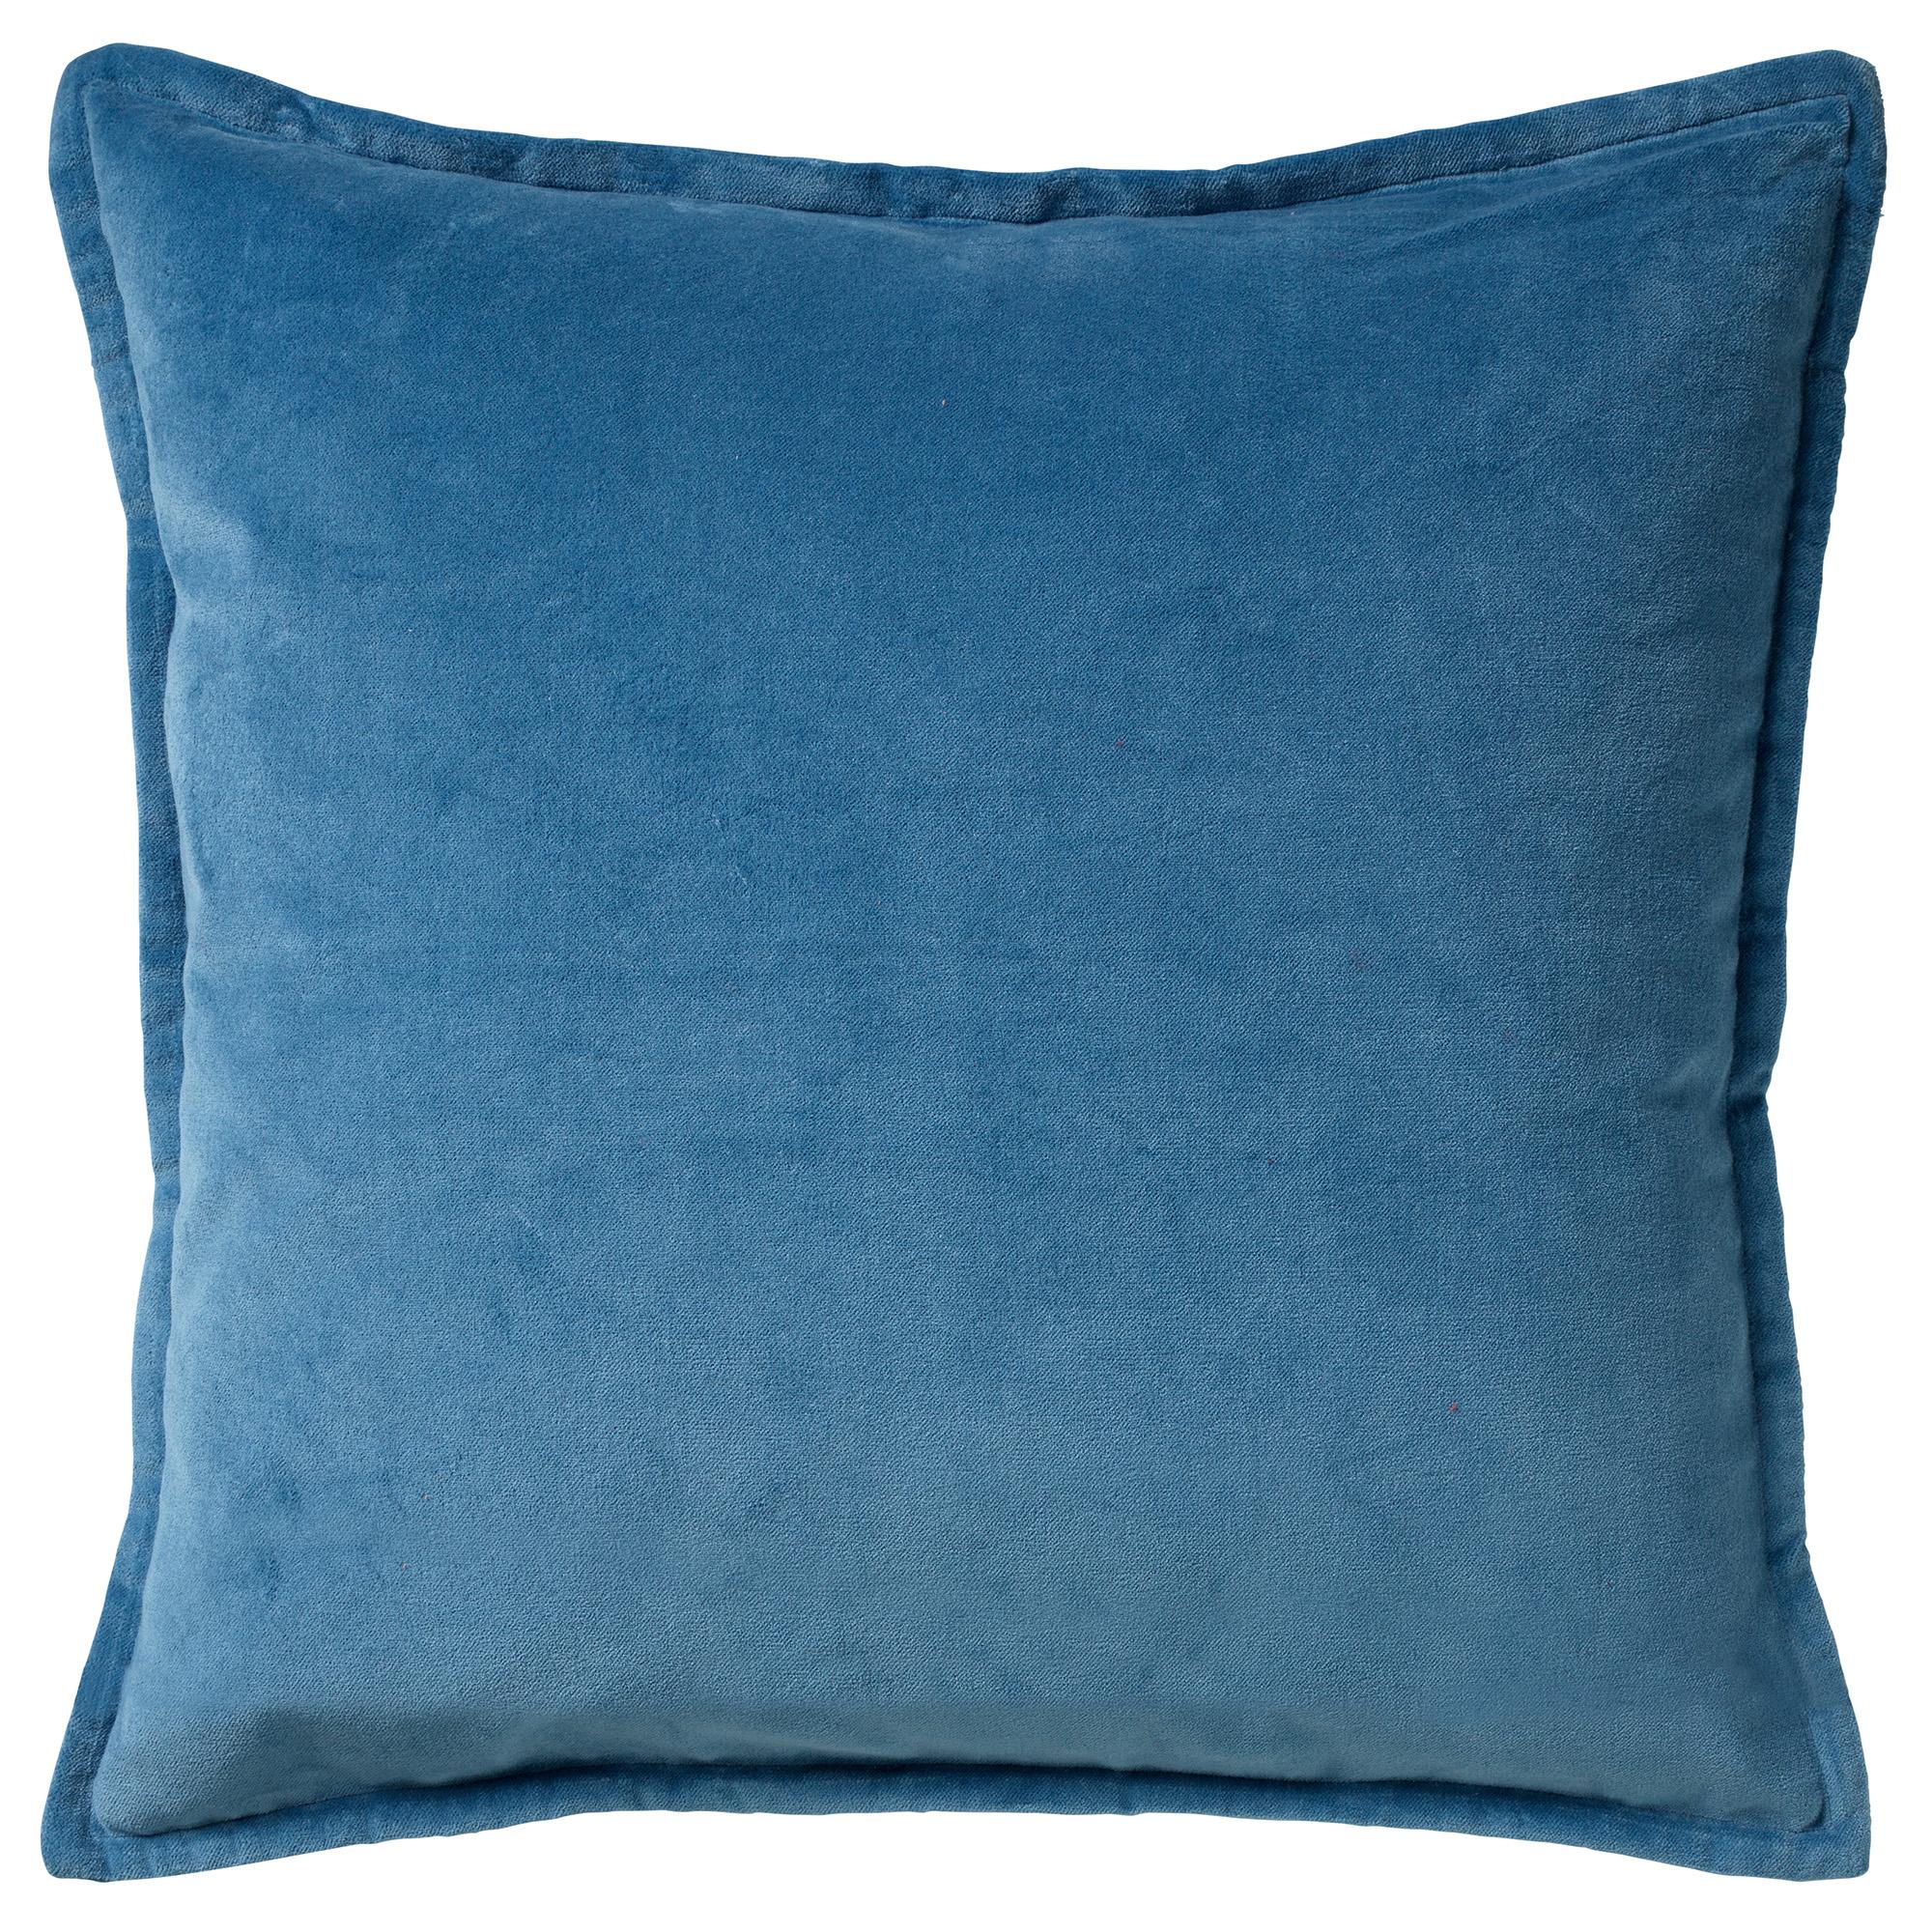 Housse de coussin en velours Bleu 50x50